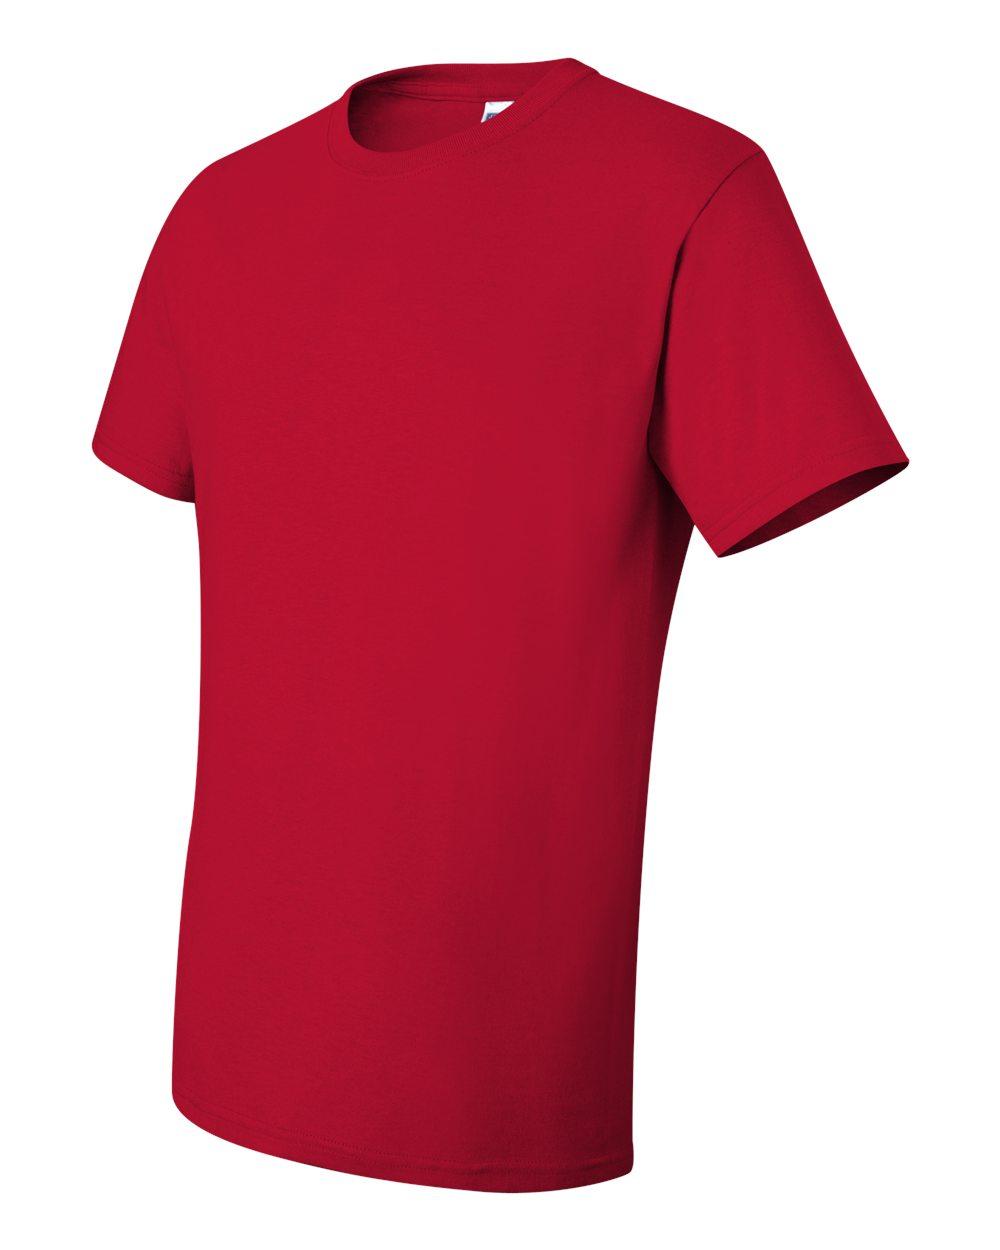 Jerzees-Men-039-s-5-6-oz-50-50-Heavyweight-Blend-T-Shirt-29M-S-4XL thumbnail 36